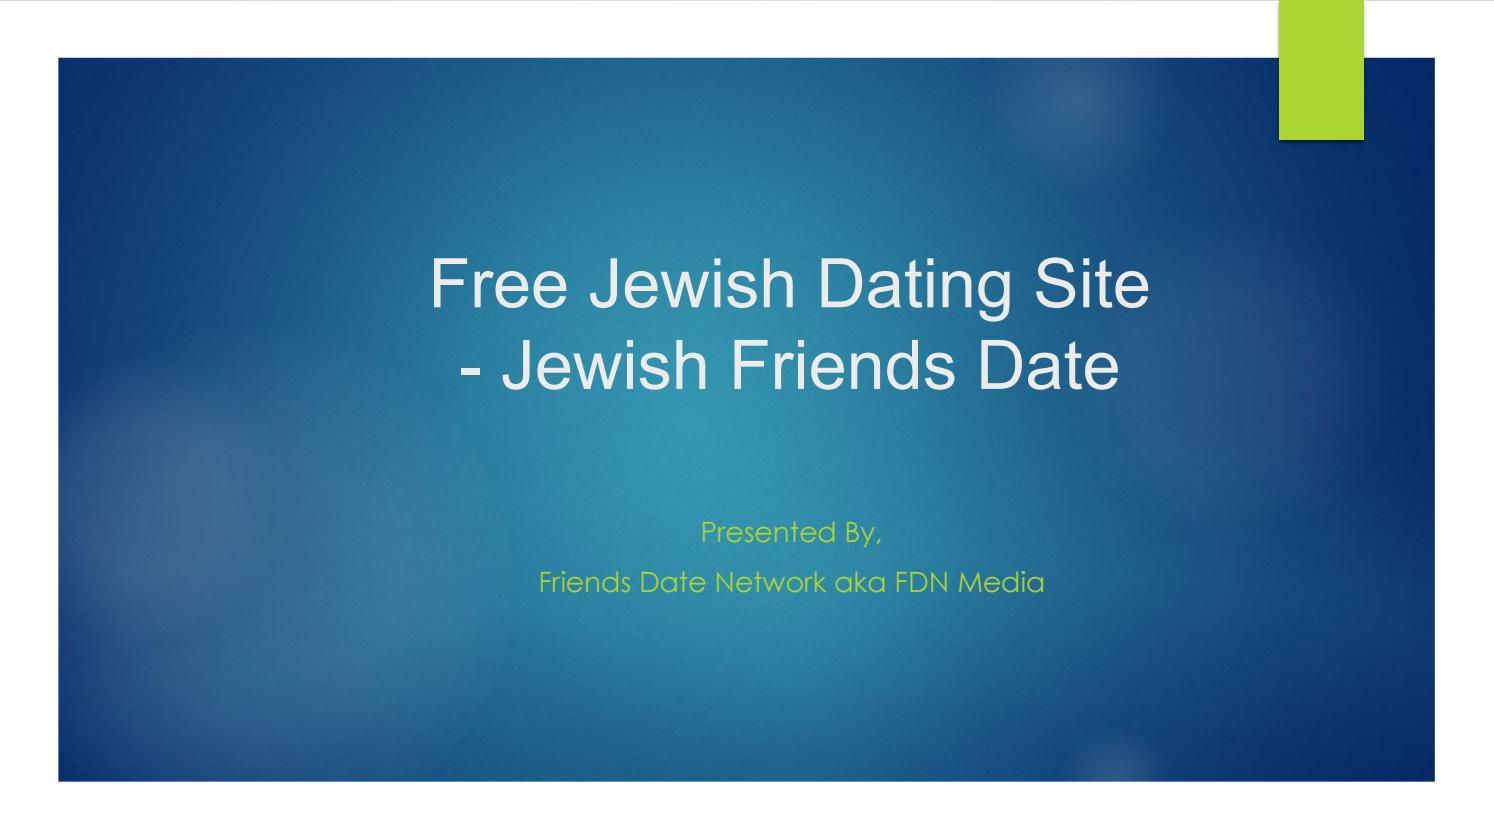 Naisten Internet dating profiili esimerkkejä